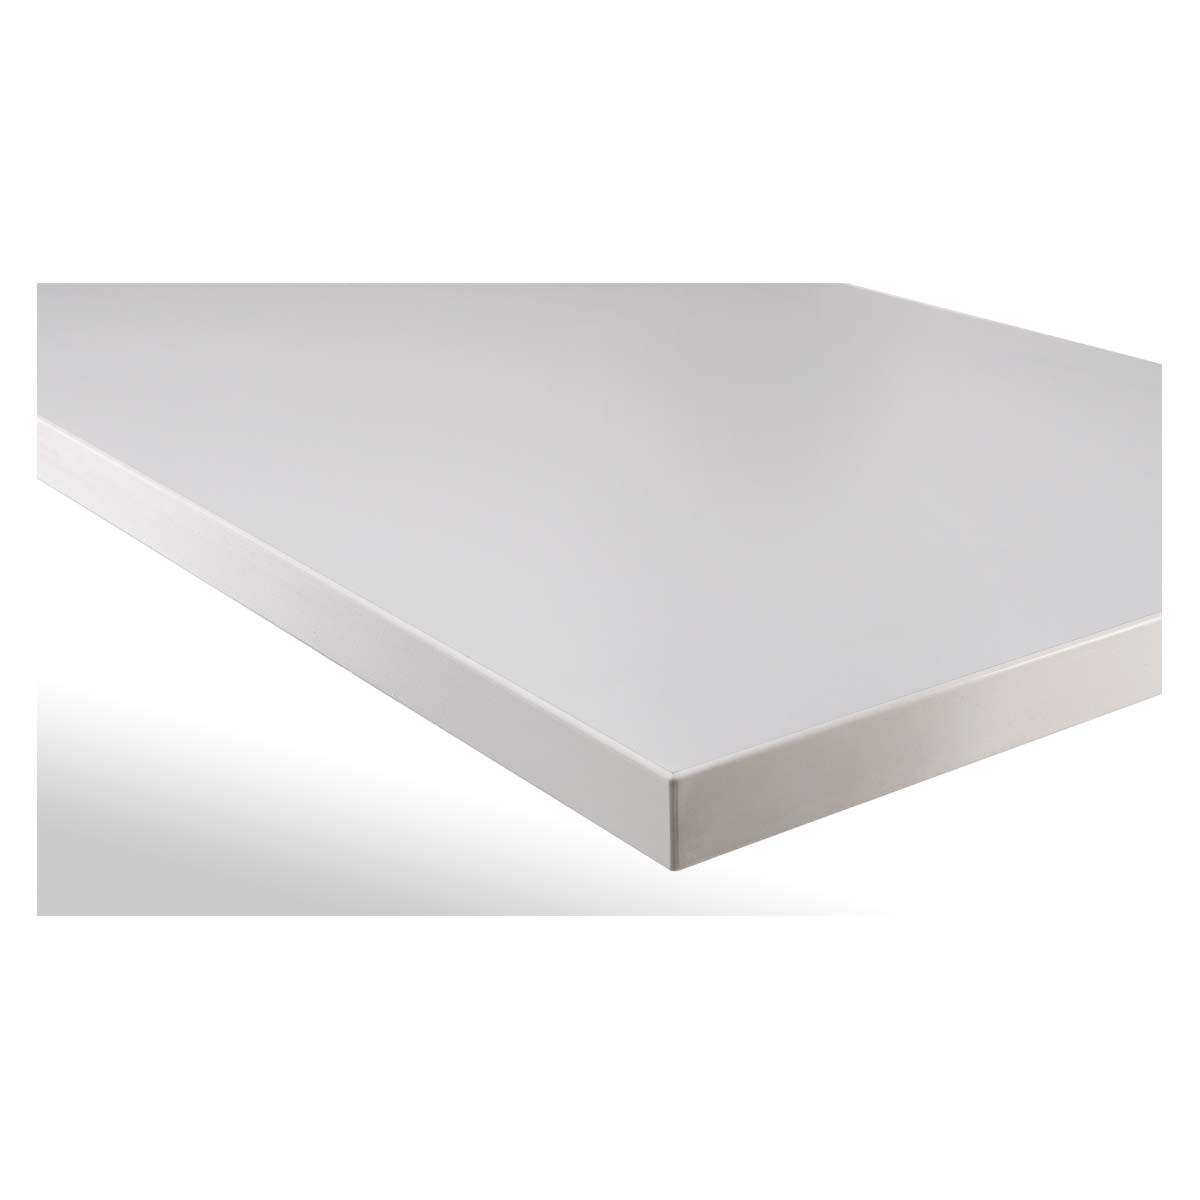 garant arbeitsplatte mit eterluxbelag tiefe 800 mm 1000 mm garant. Black Bedroom Furniture Sets. Home Design Ideas